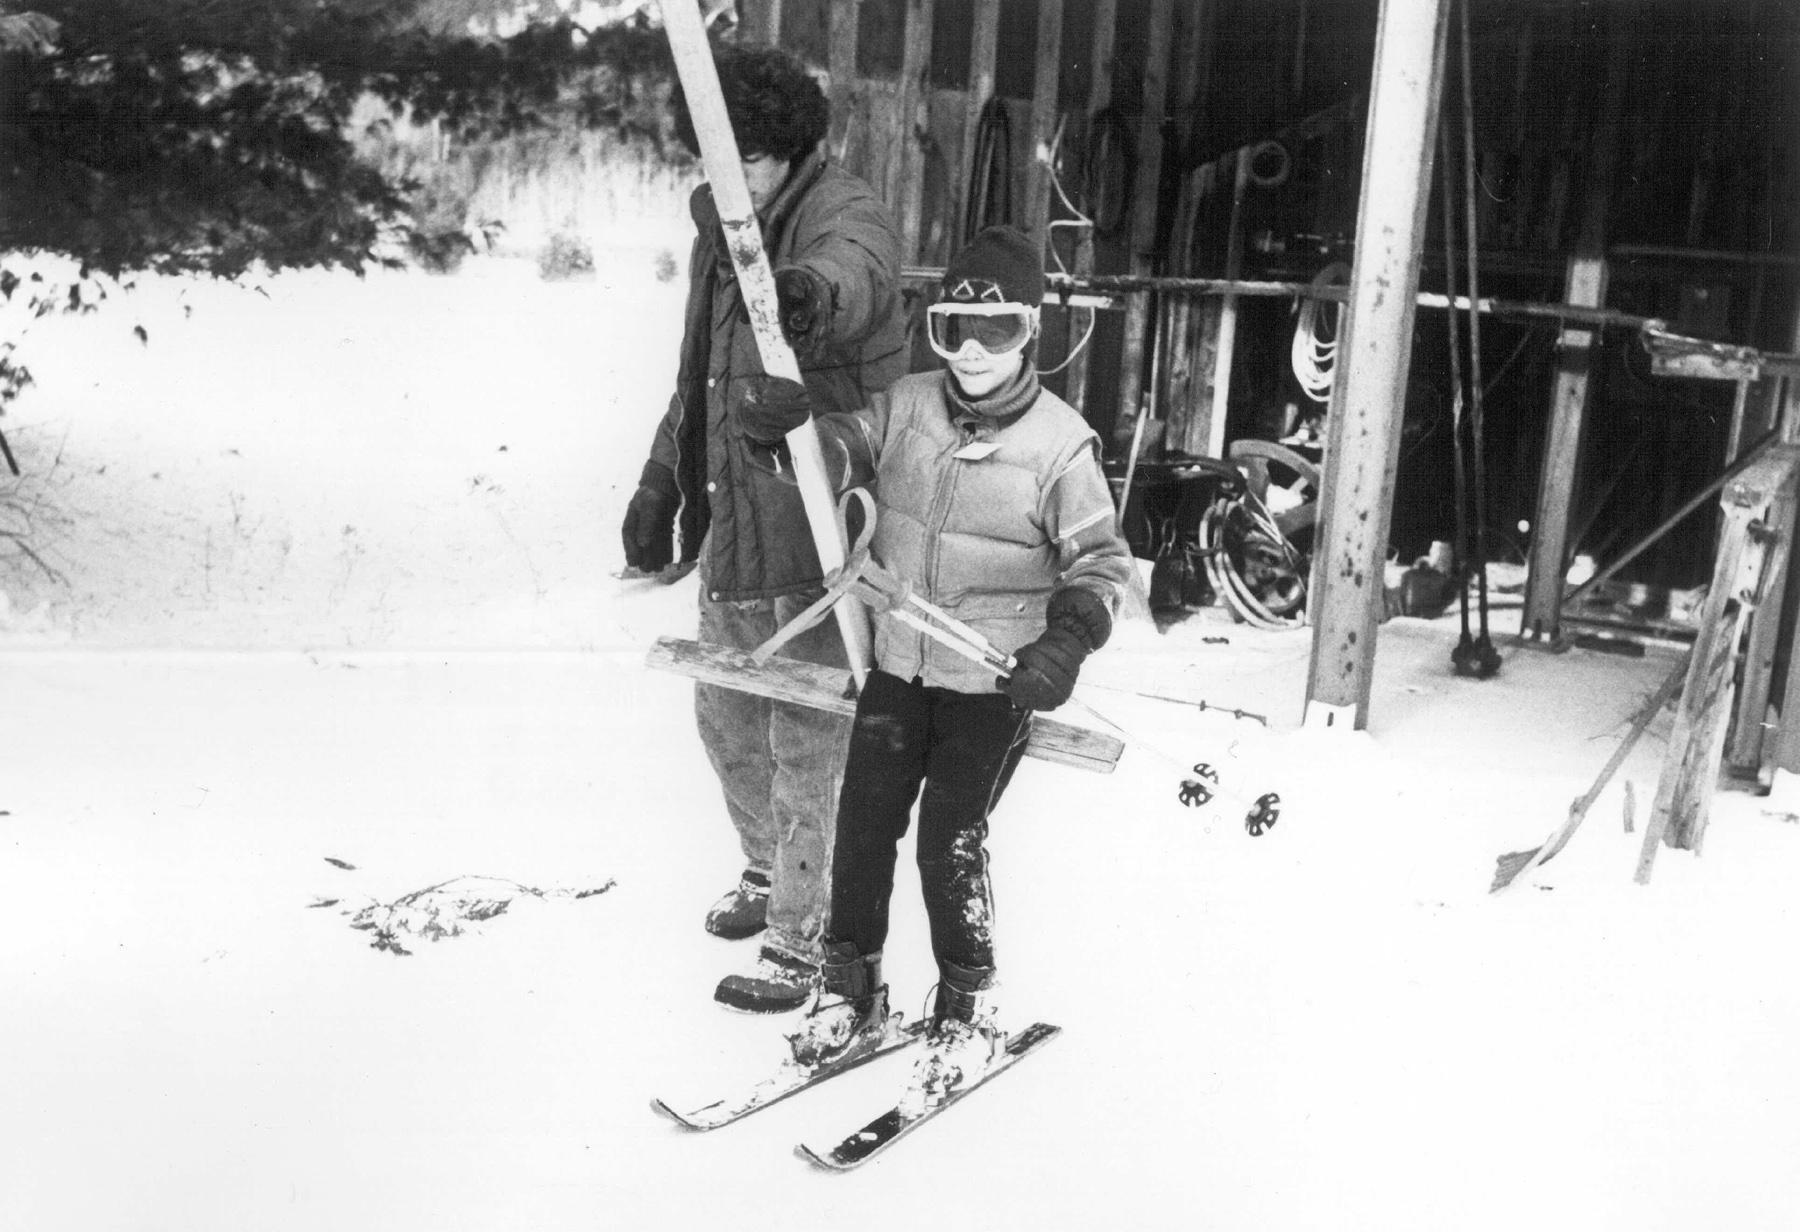 Young skier at Otis Mountain. Courtesy of Jeff Allott.